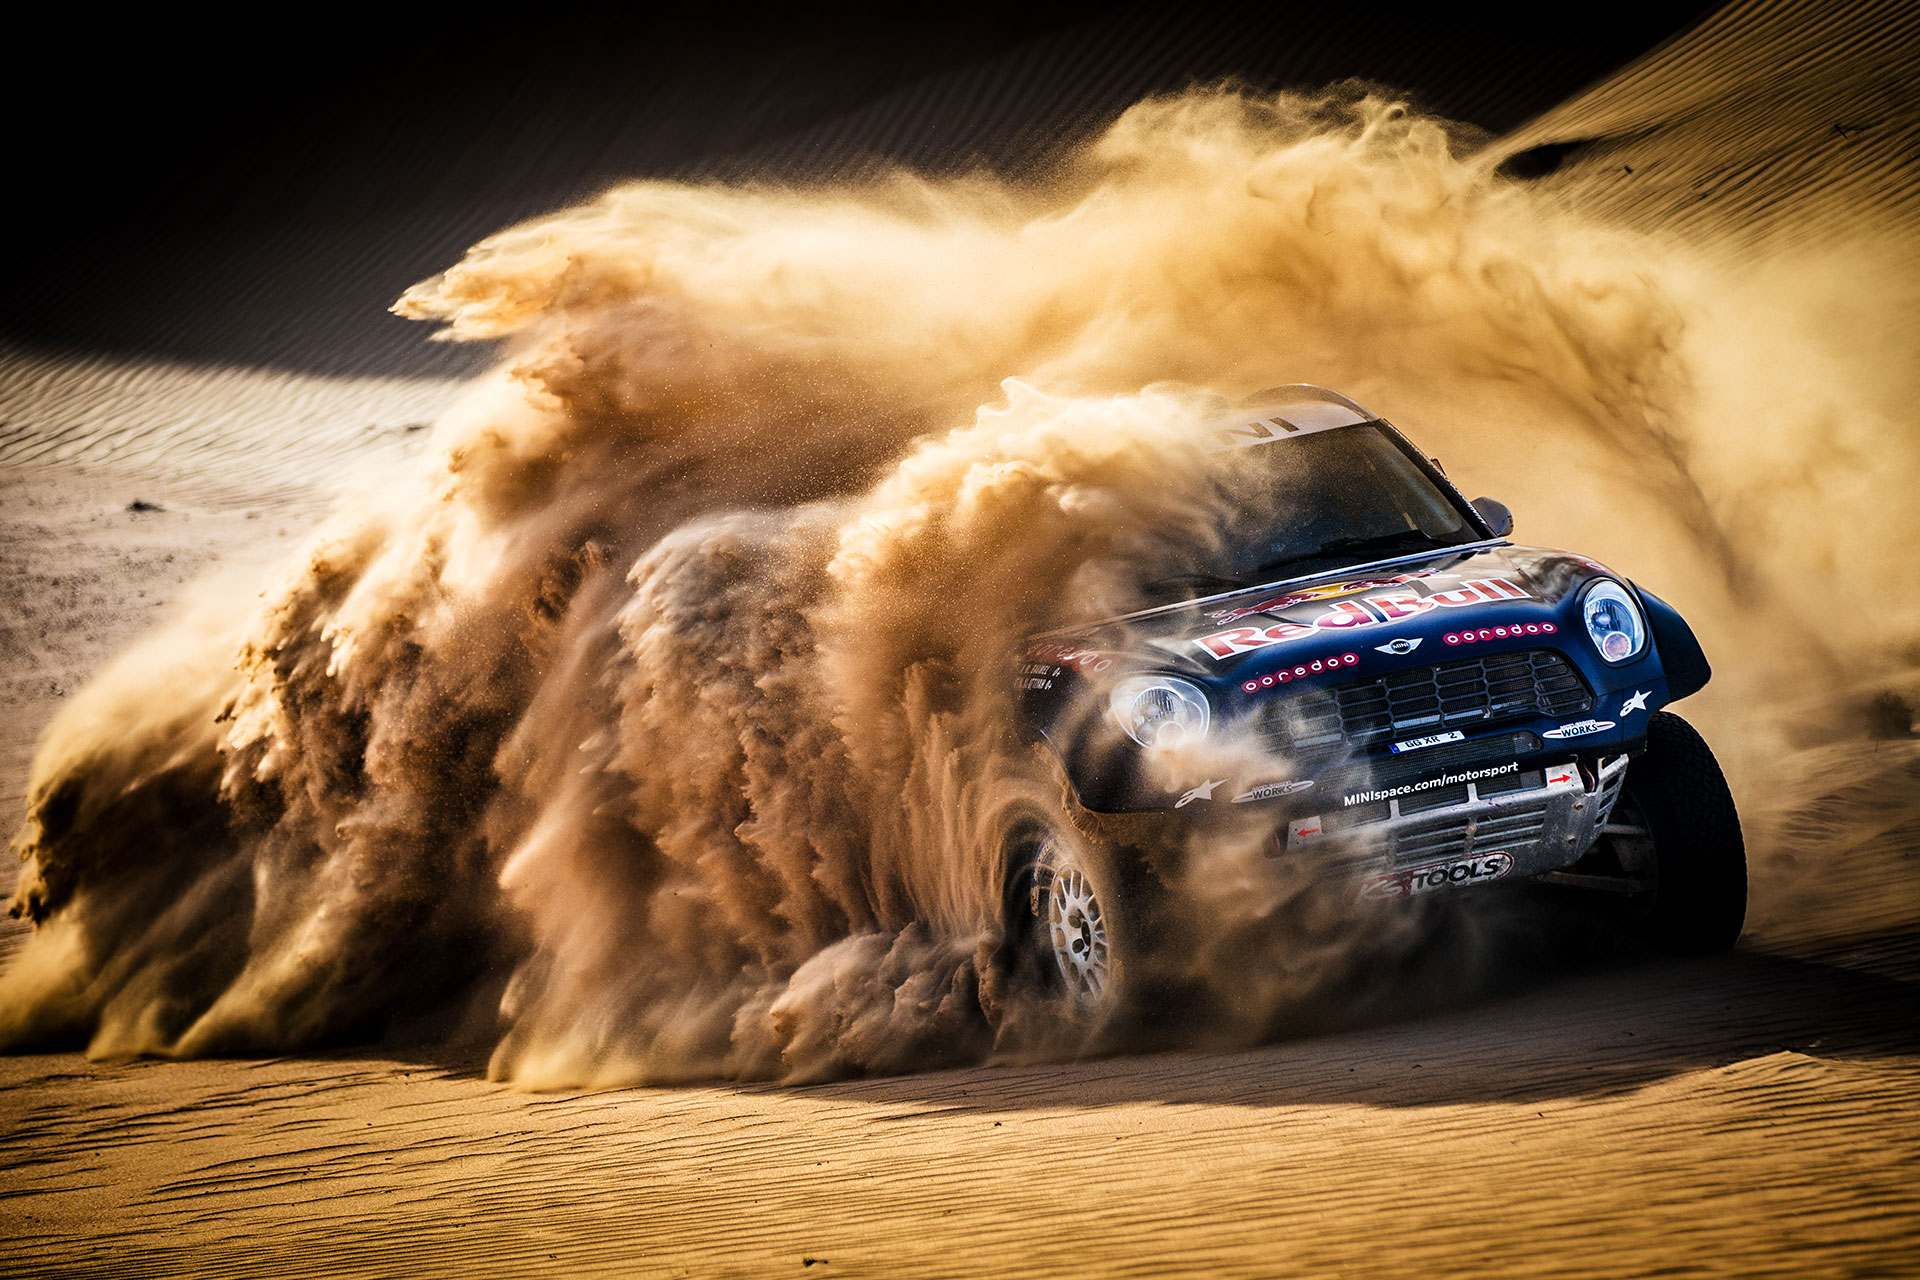 MINI-ALL4-RACING_Nasser-Al-Attiyah_Wallpaper-9